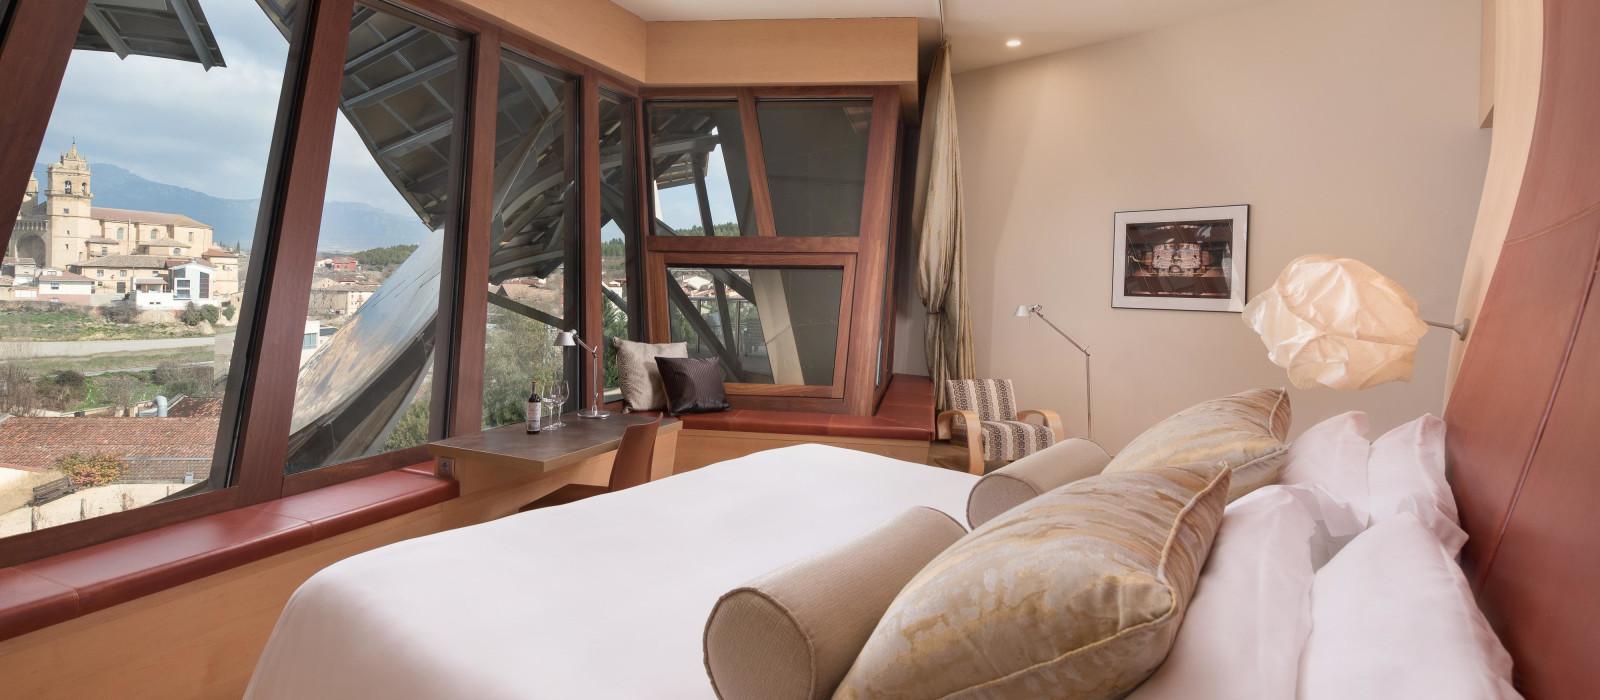 Hotel  Marques de Riscal Spain